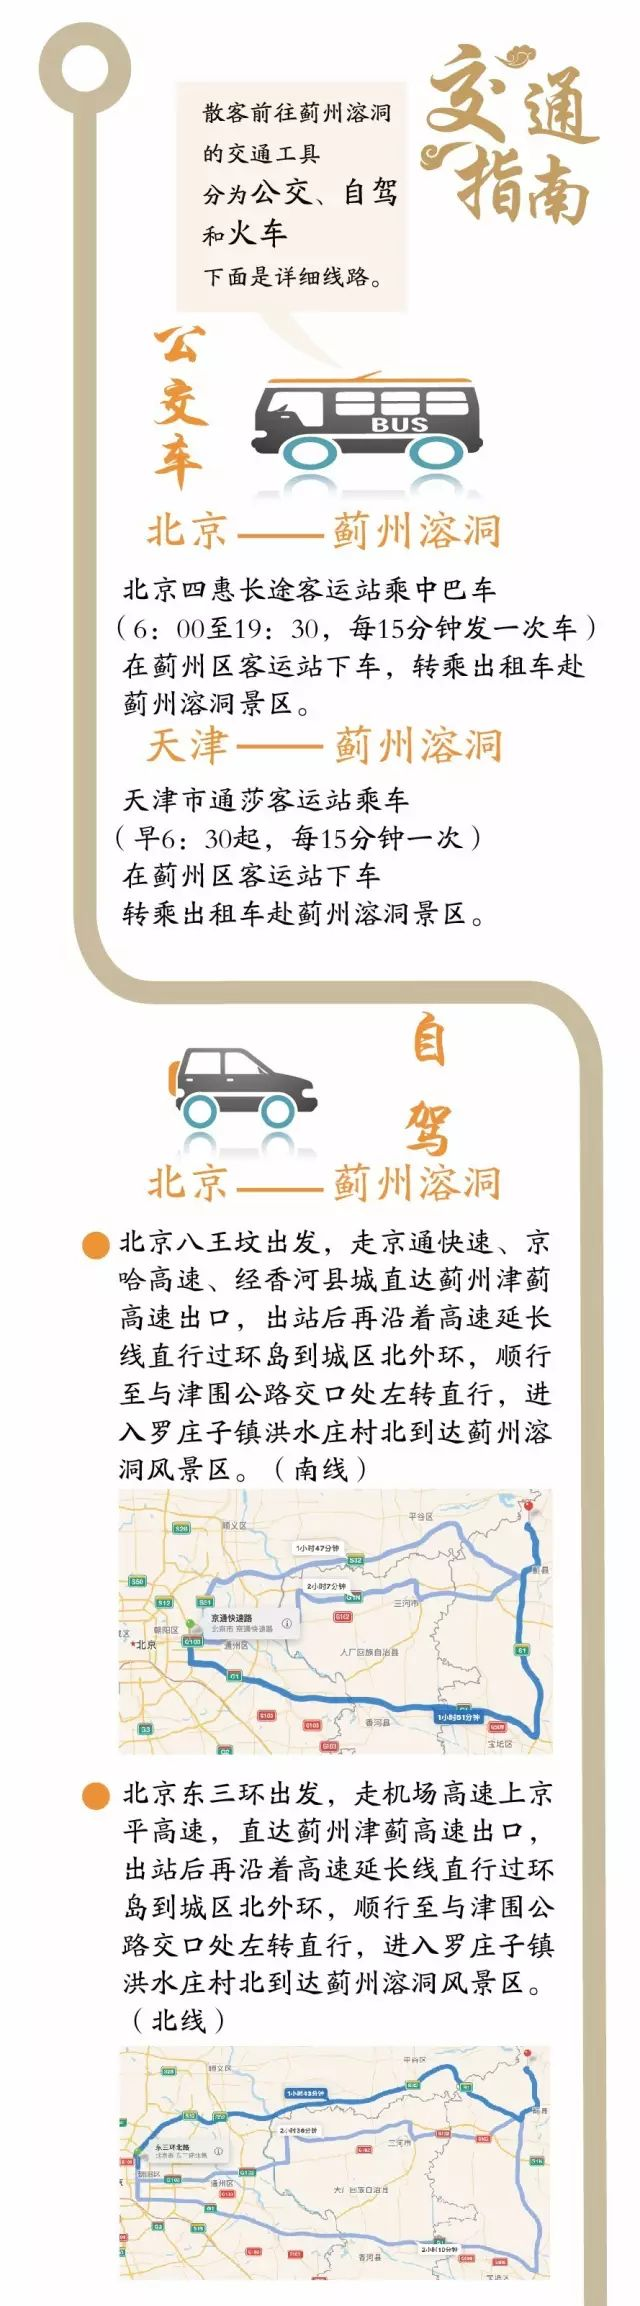 天津蓟州溶洞景区开放时间